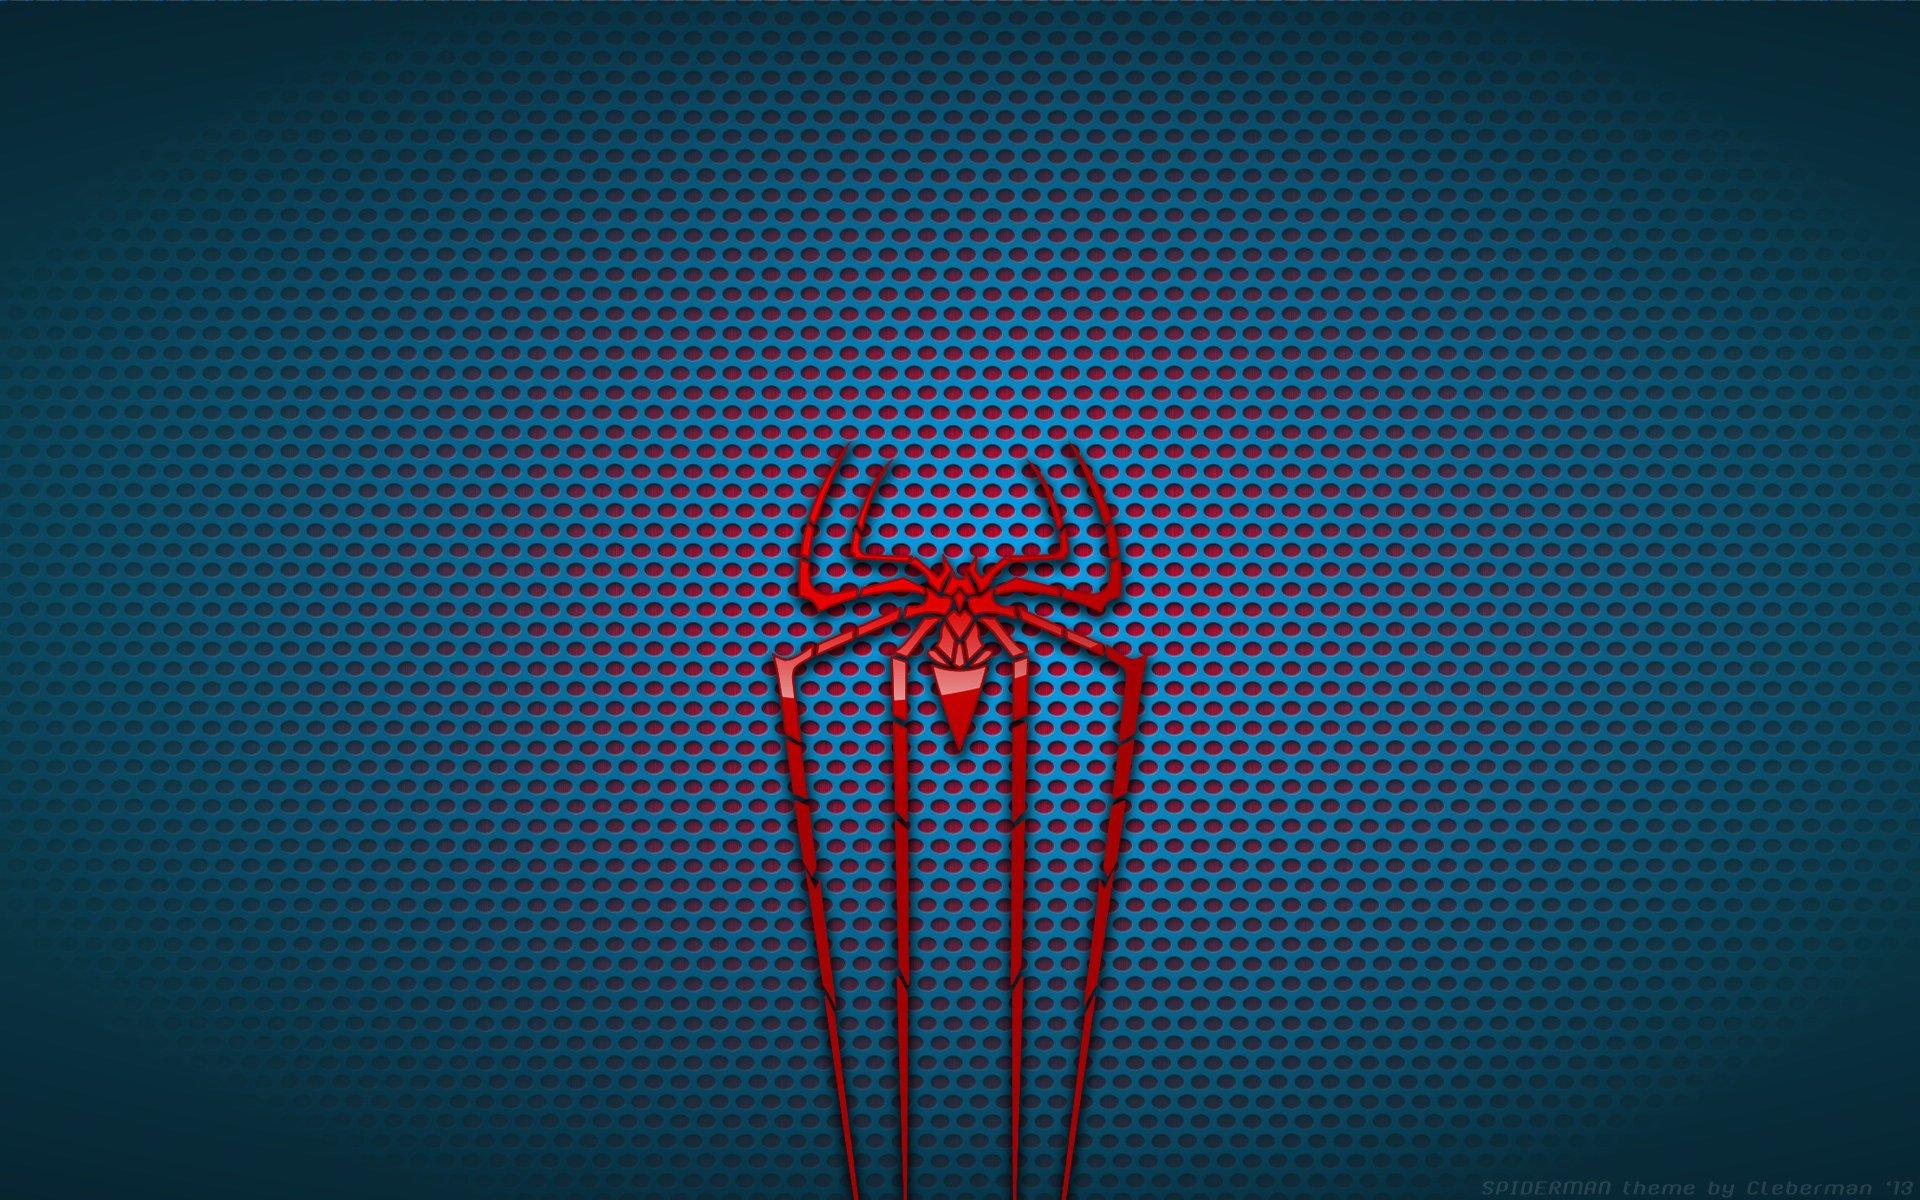 Spider man fondo de pantalla hd fondo de escritorio for Fondos de spiderman